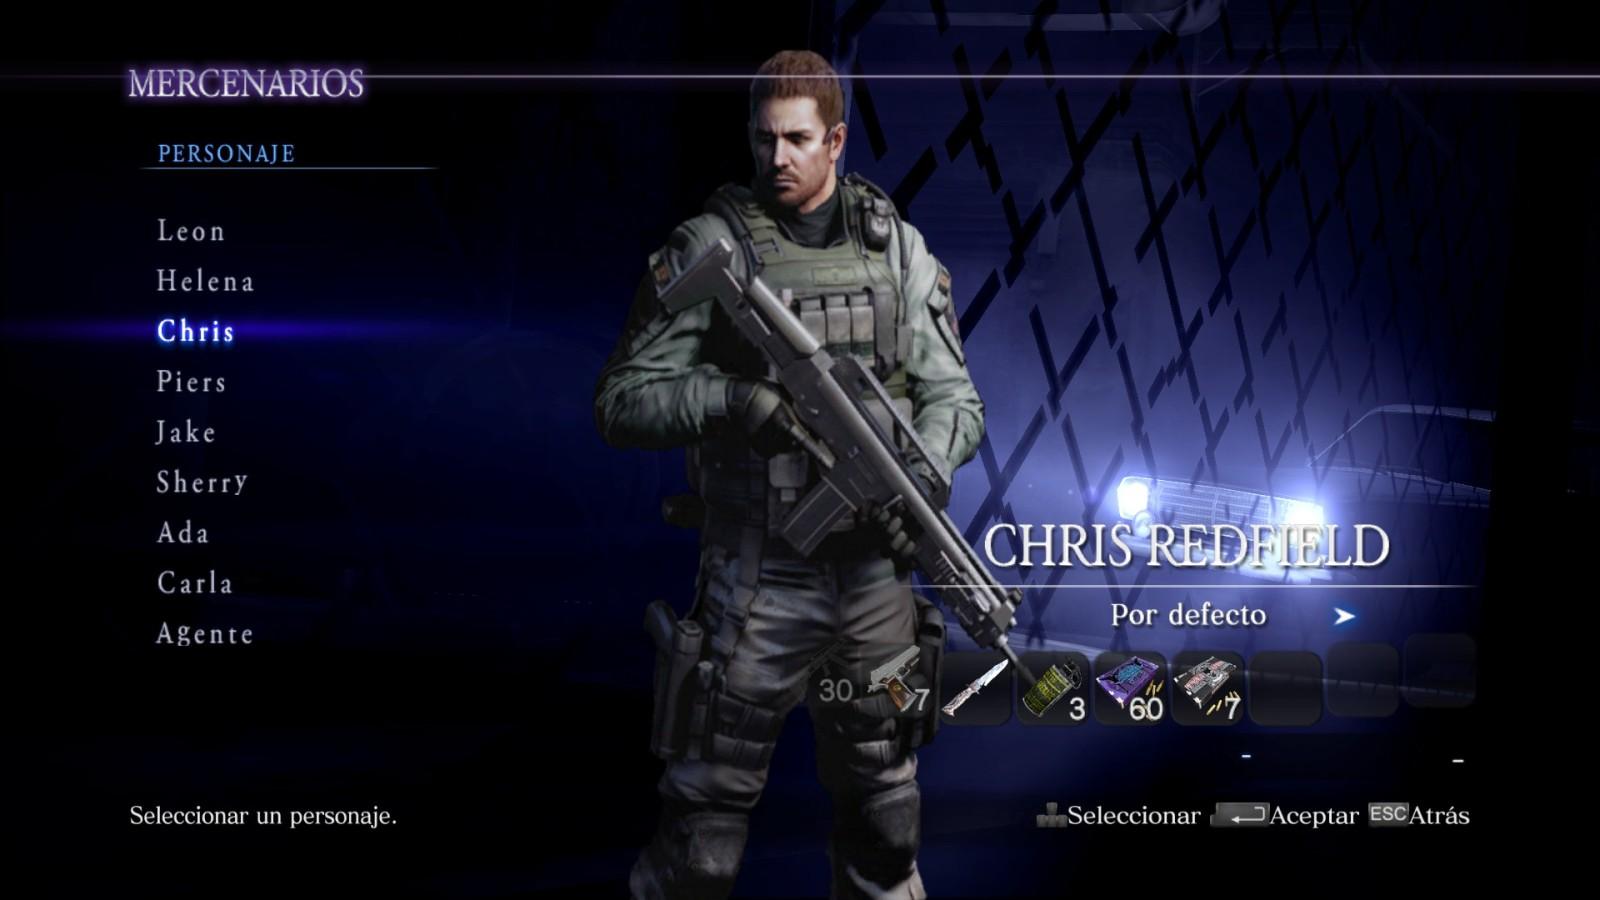 Nuevas imágenes para los personajes (mercenarios) 2gwrul1